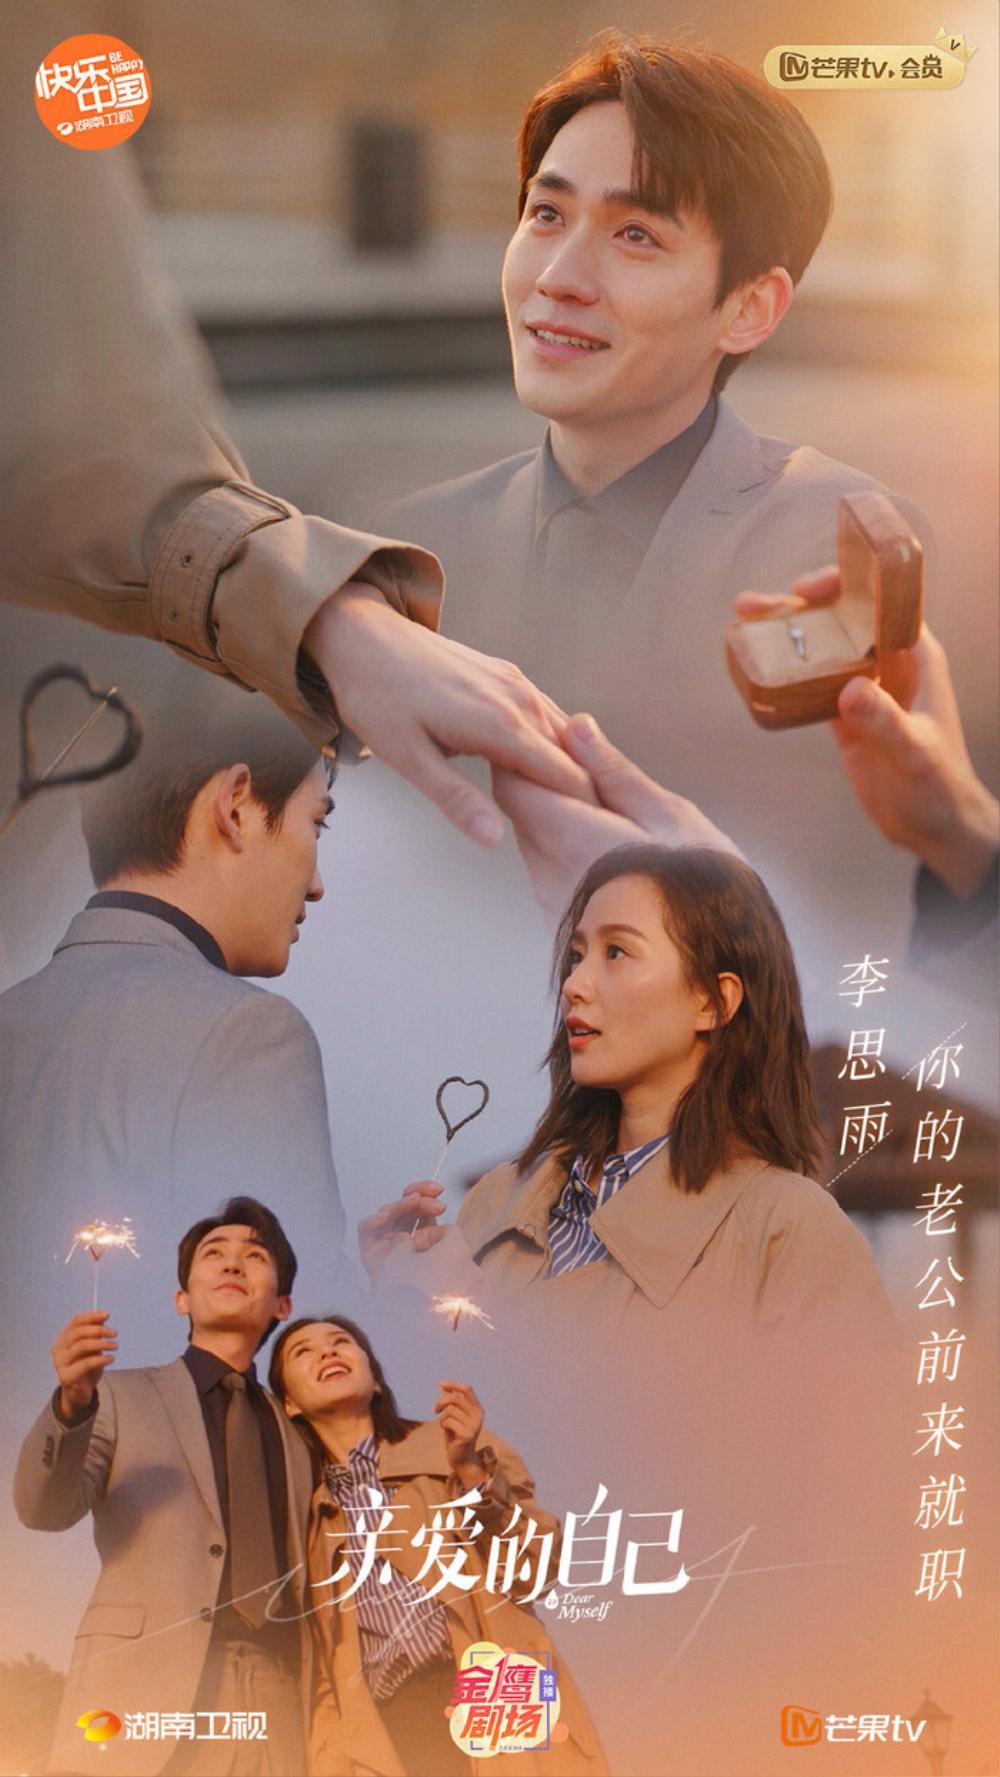 Chỉ số truyền thông diễn viên phim truyền hình Hoa Ngữ 2020: Chỉ với vai phụ, Tiêu Chiến dành ngôi á quân Ảnh 2